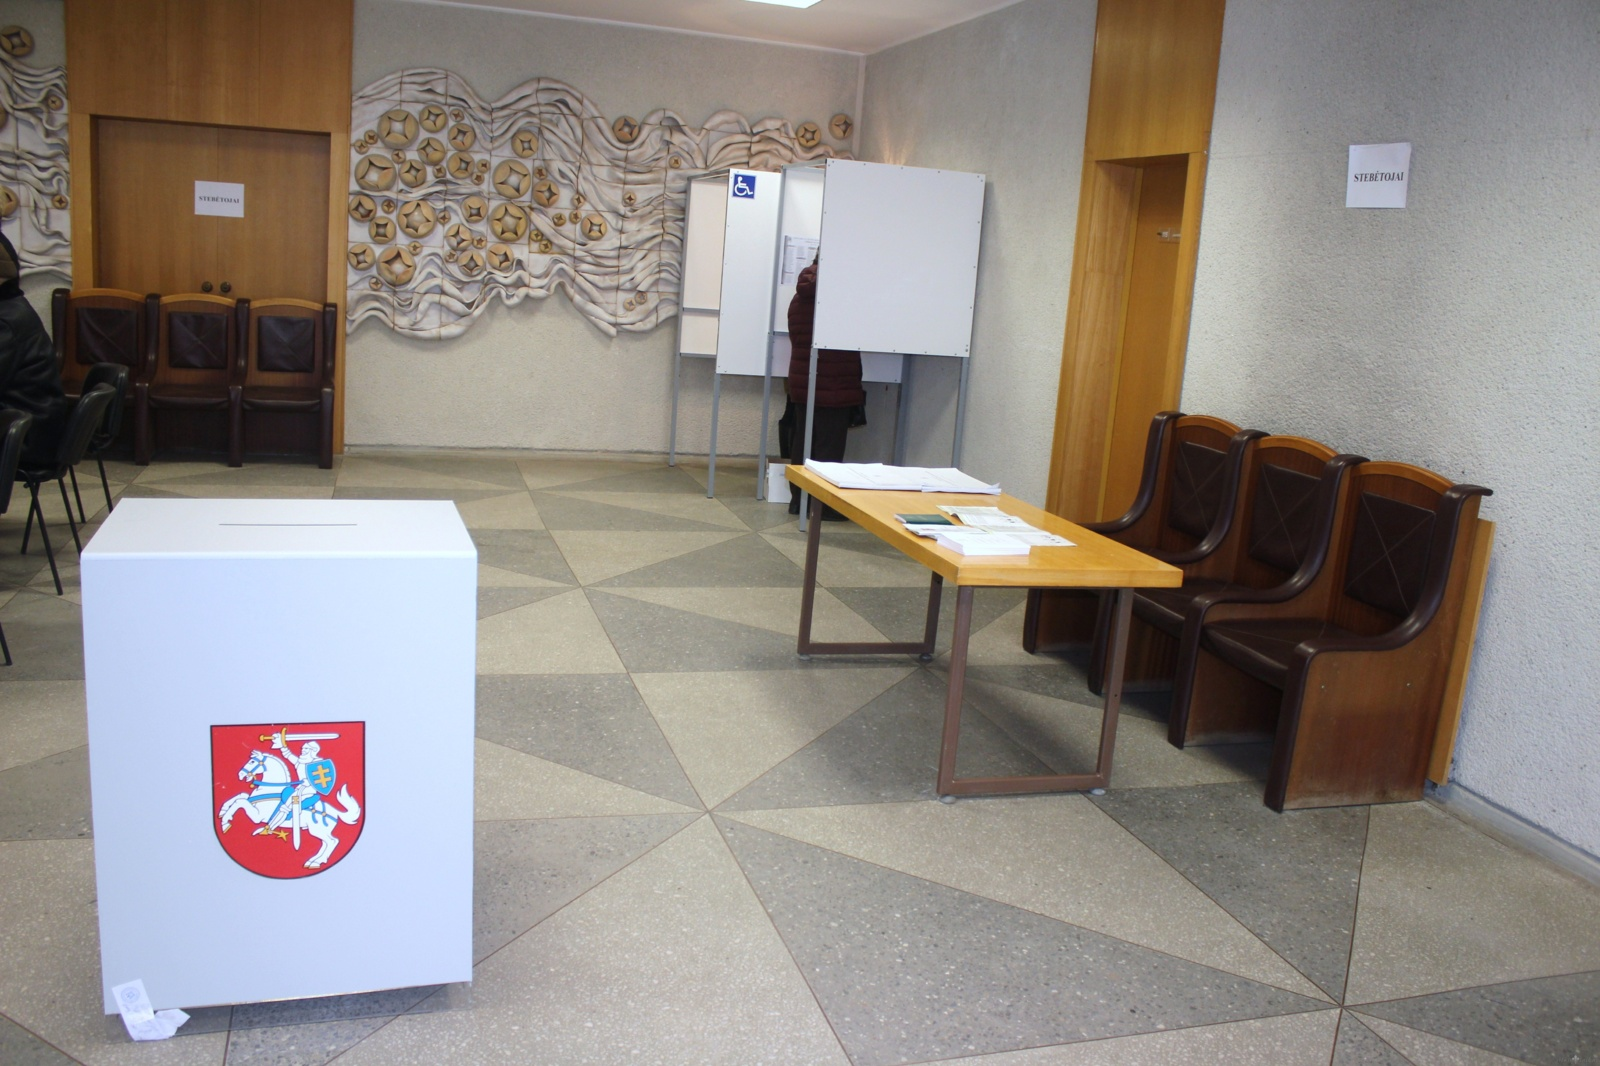 Merų rinkimų antrasis turas. Išankstinis balsavimas rajone – vangesnis